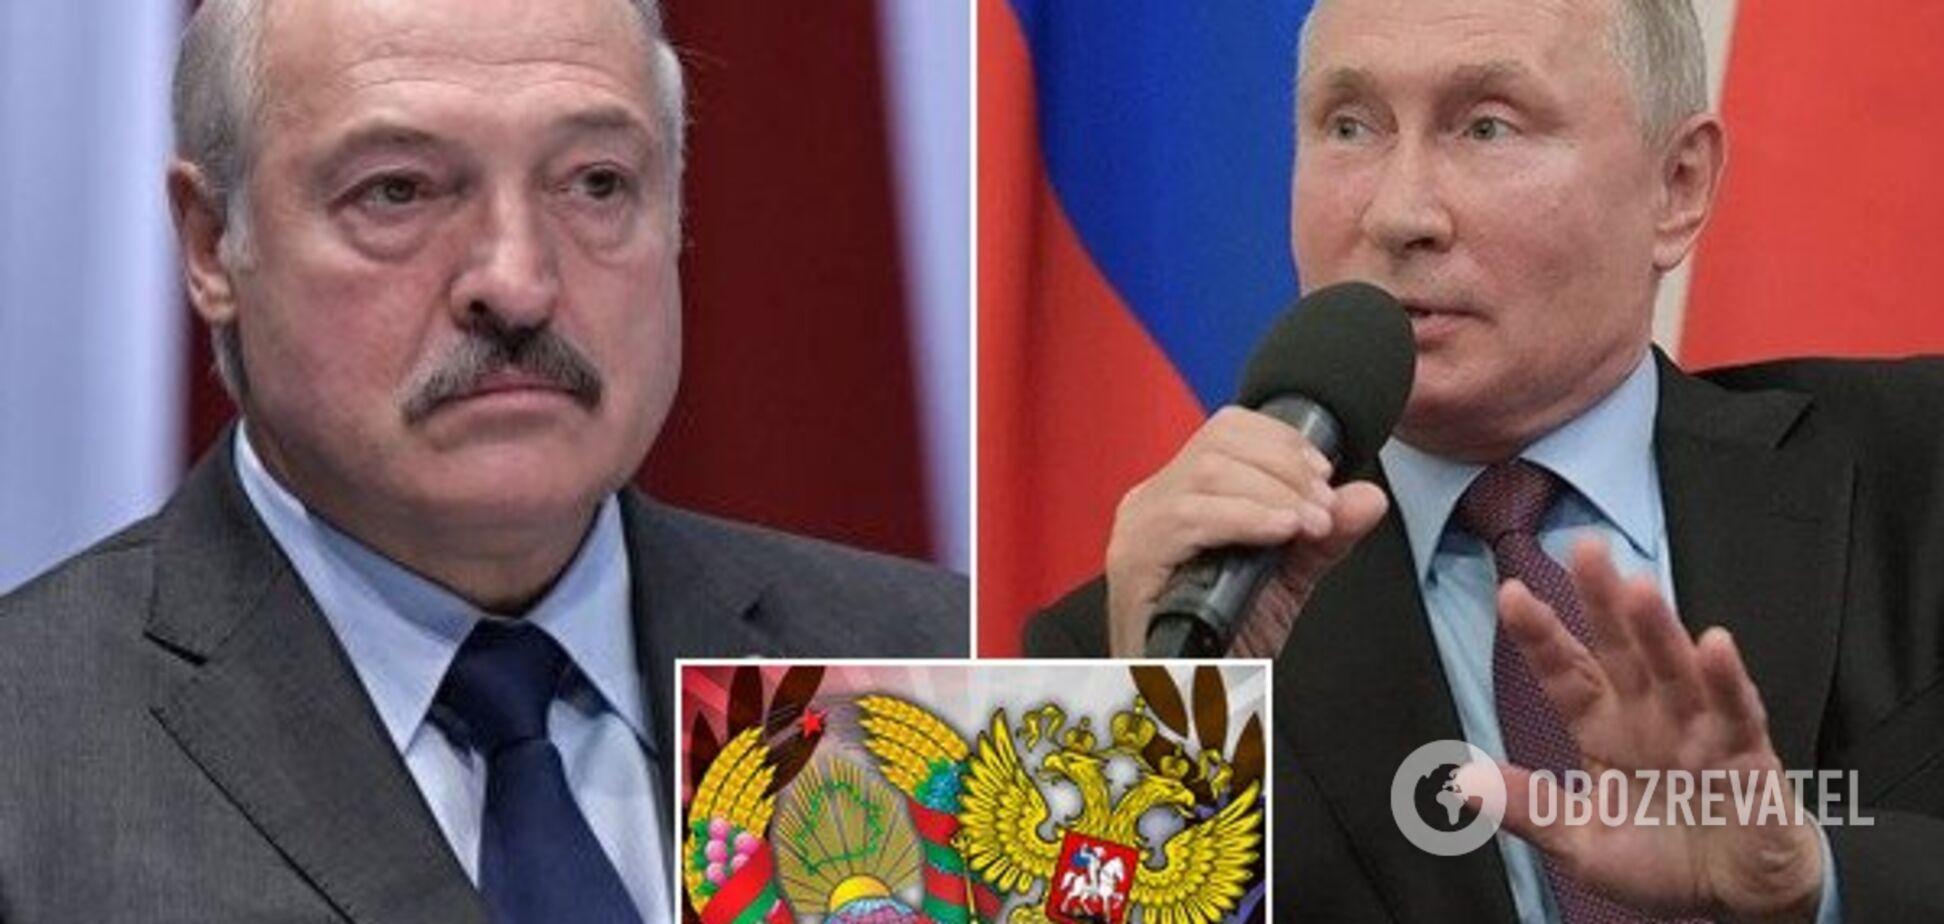 Намекают на присоединение: Лукашенко раскрыл новую тактику Путина